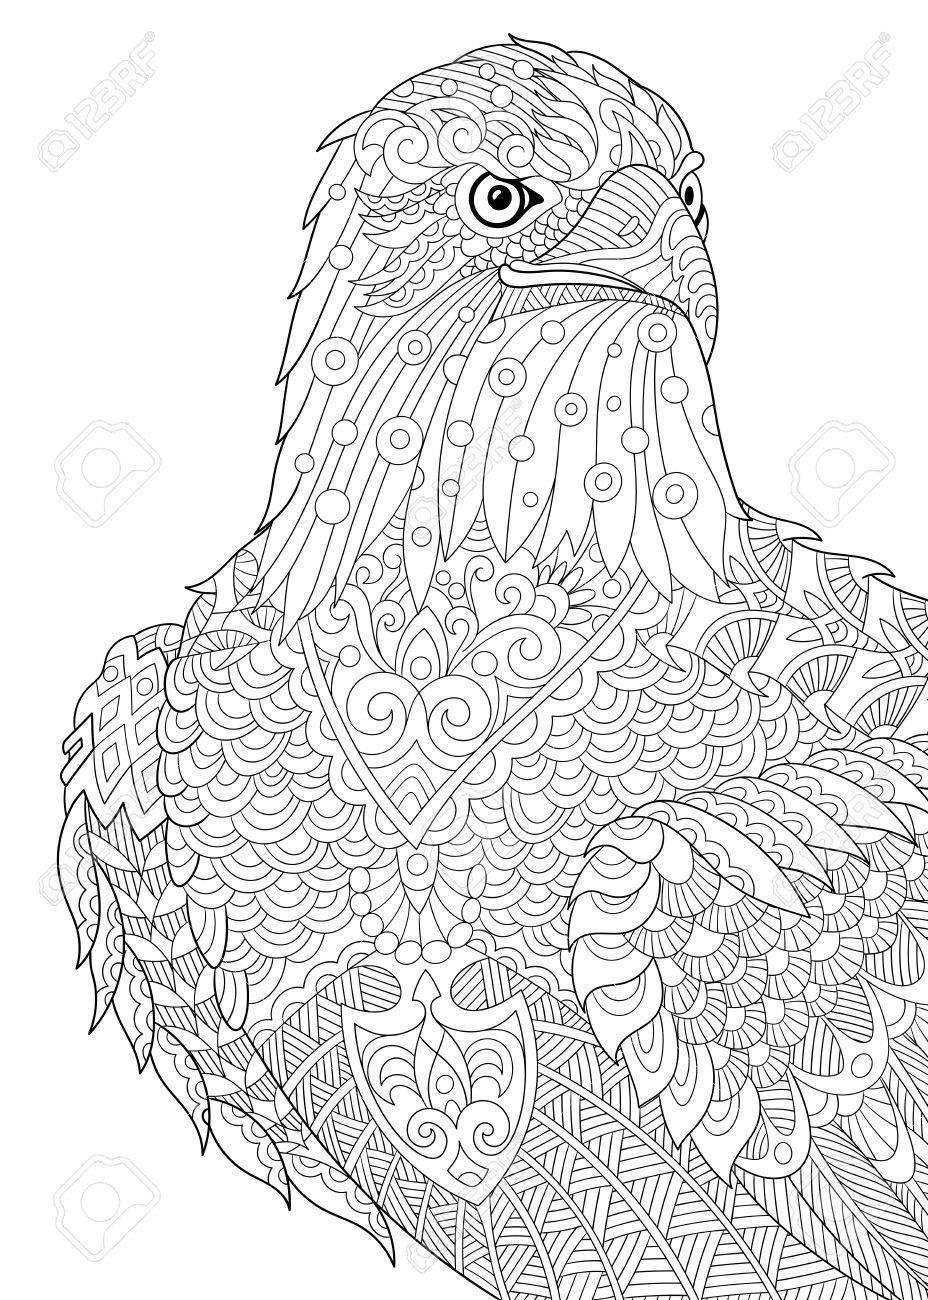 928x1300 Stylized Cartoon Eagle Of Prairie (Hawk, Falcon, Osprey). Sketch